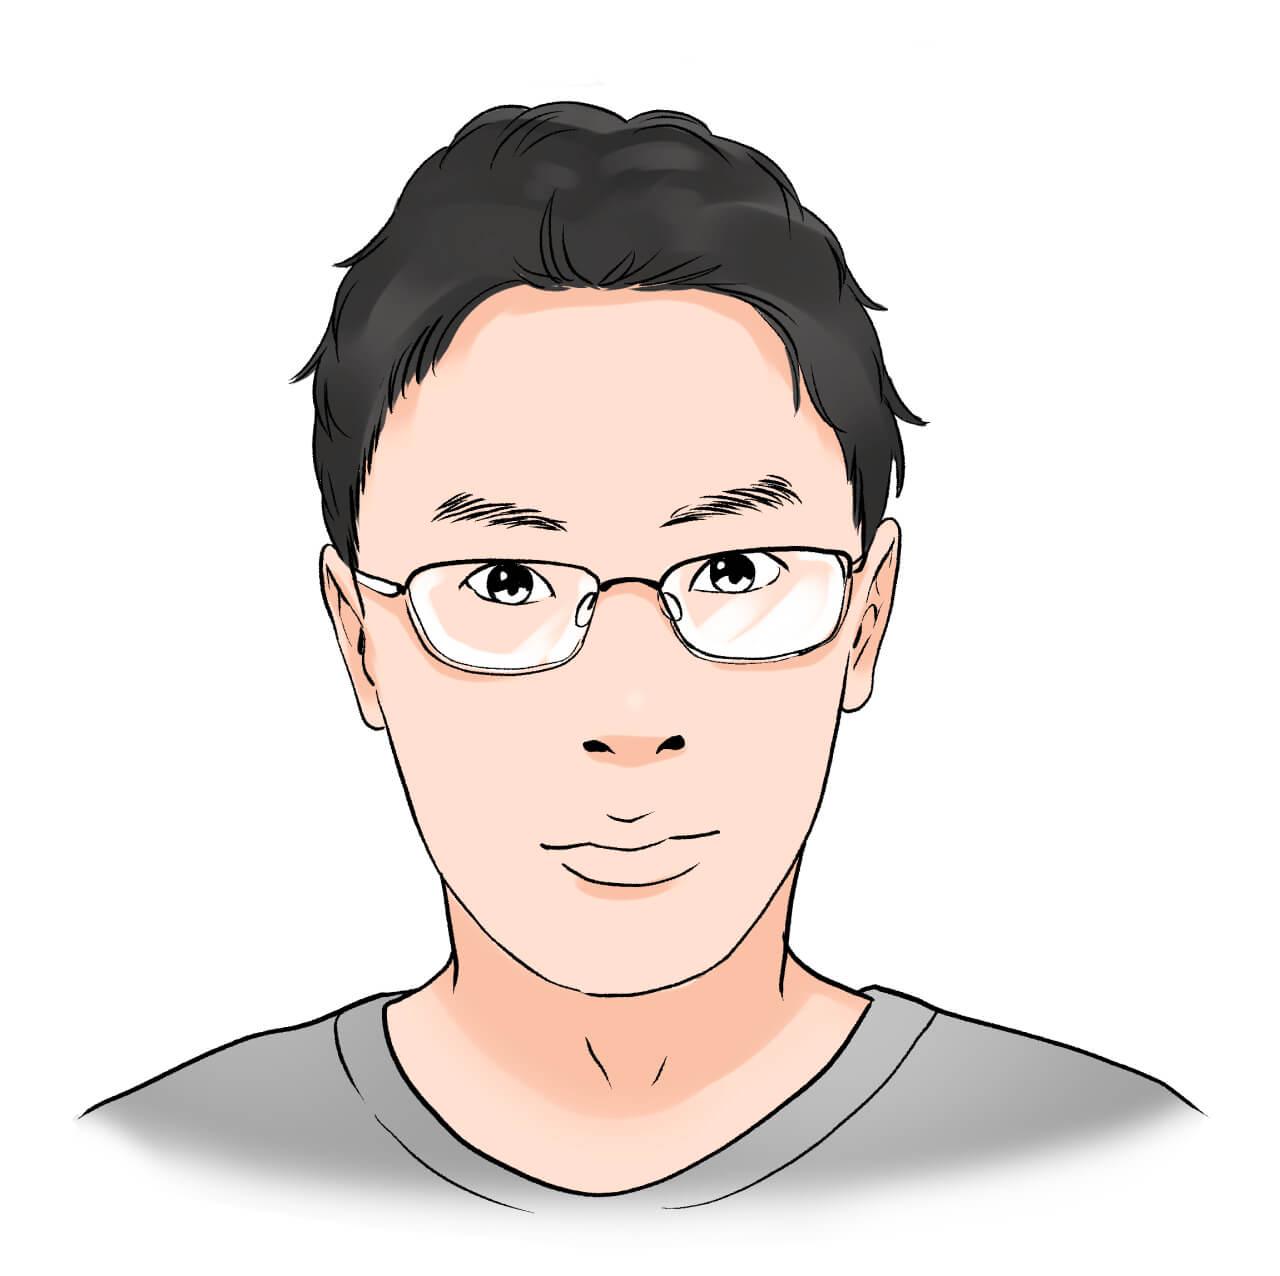 季絵さん夫眼鏡